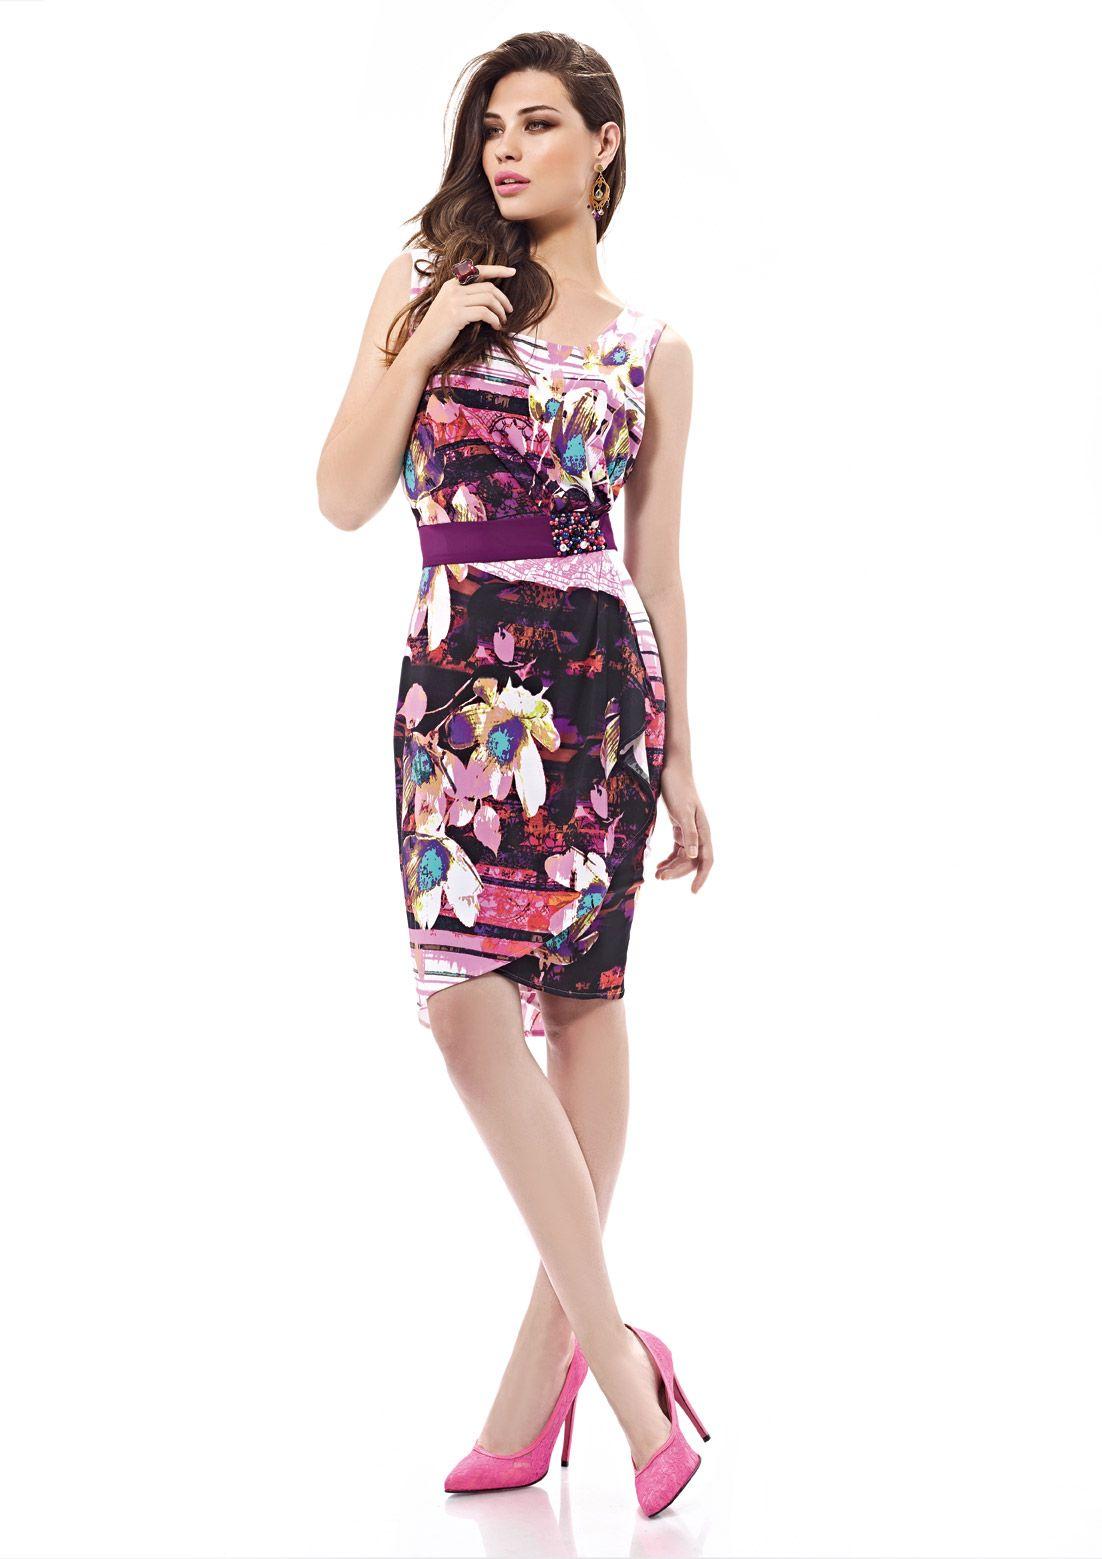 Inter Zeila 9438 | GN Design Group INTER ZEILA 9438  Vestido casual corto, en tejido jersey, con estampado floral en tonos de malva